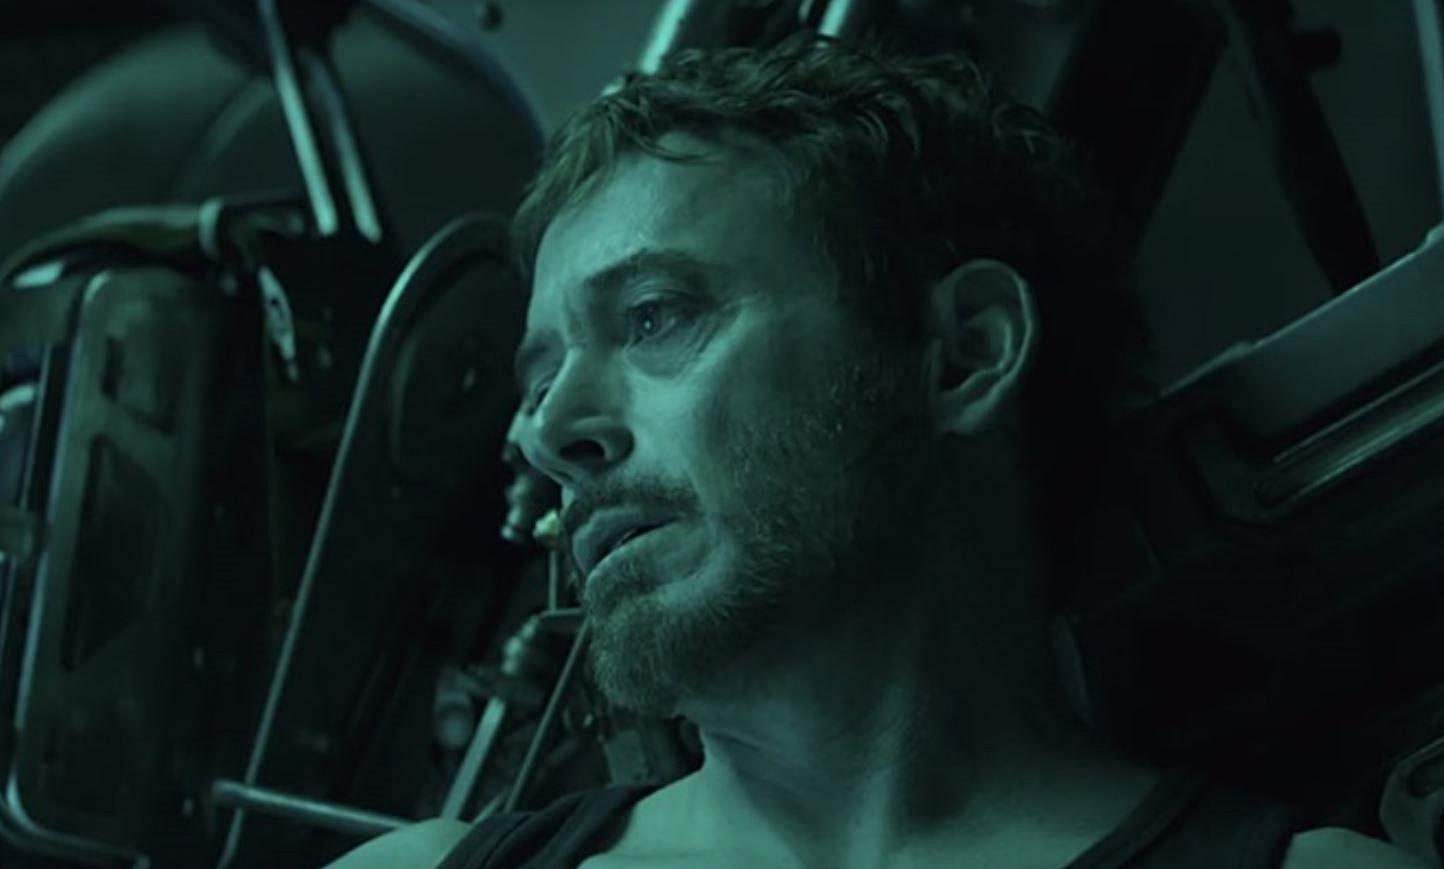 В IMAX-трейлере фильма «Мстители: Финал» видны новые подробности ситуации с Тони Старком